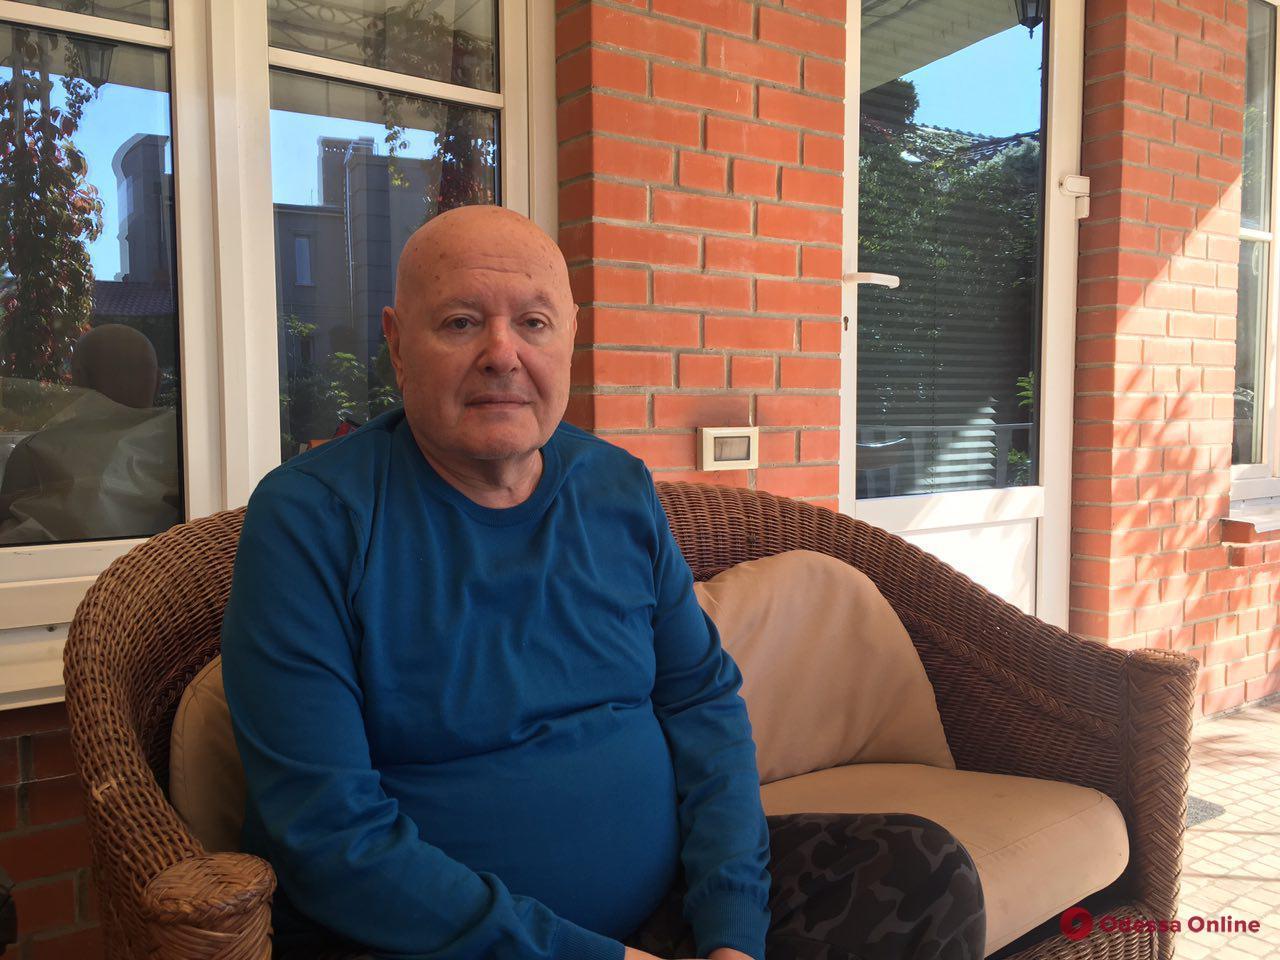 Бывший бизнес-партнер Леонида Климова: «В мой адрес постоянно поступают угрозы»